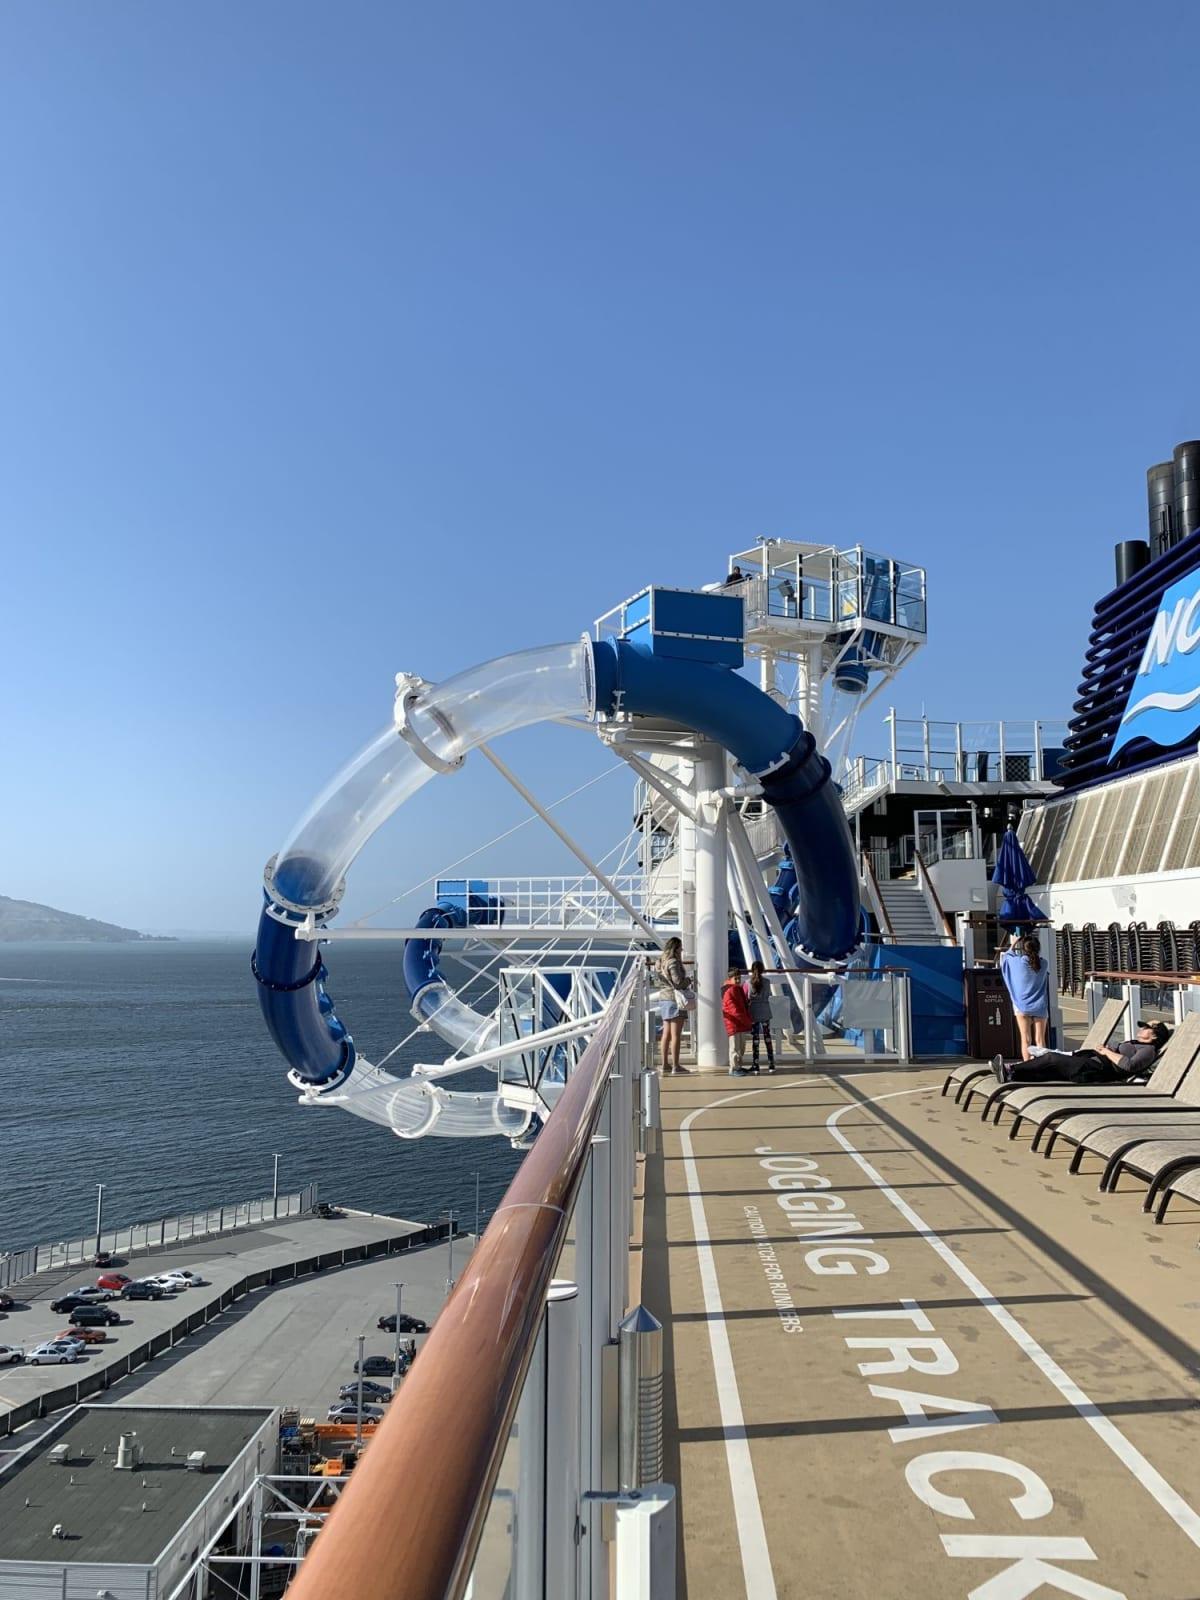 船外にはみ出しちゃってるウォータースライダー!めちゃくちゃコワイですが、良い思い出になるので是非チャレンジしてみてください^_^ | 客船ノルウェージャン・ブリスのアクティビティ、船内施設